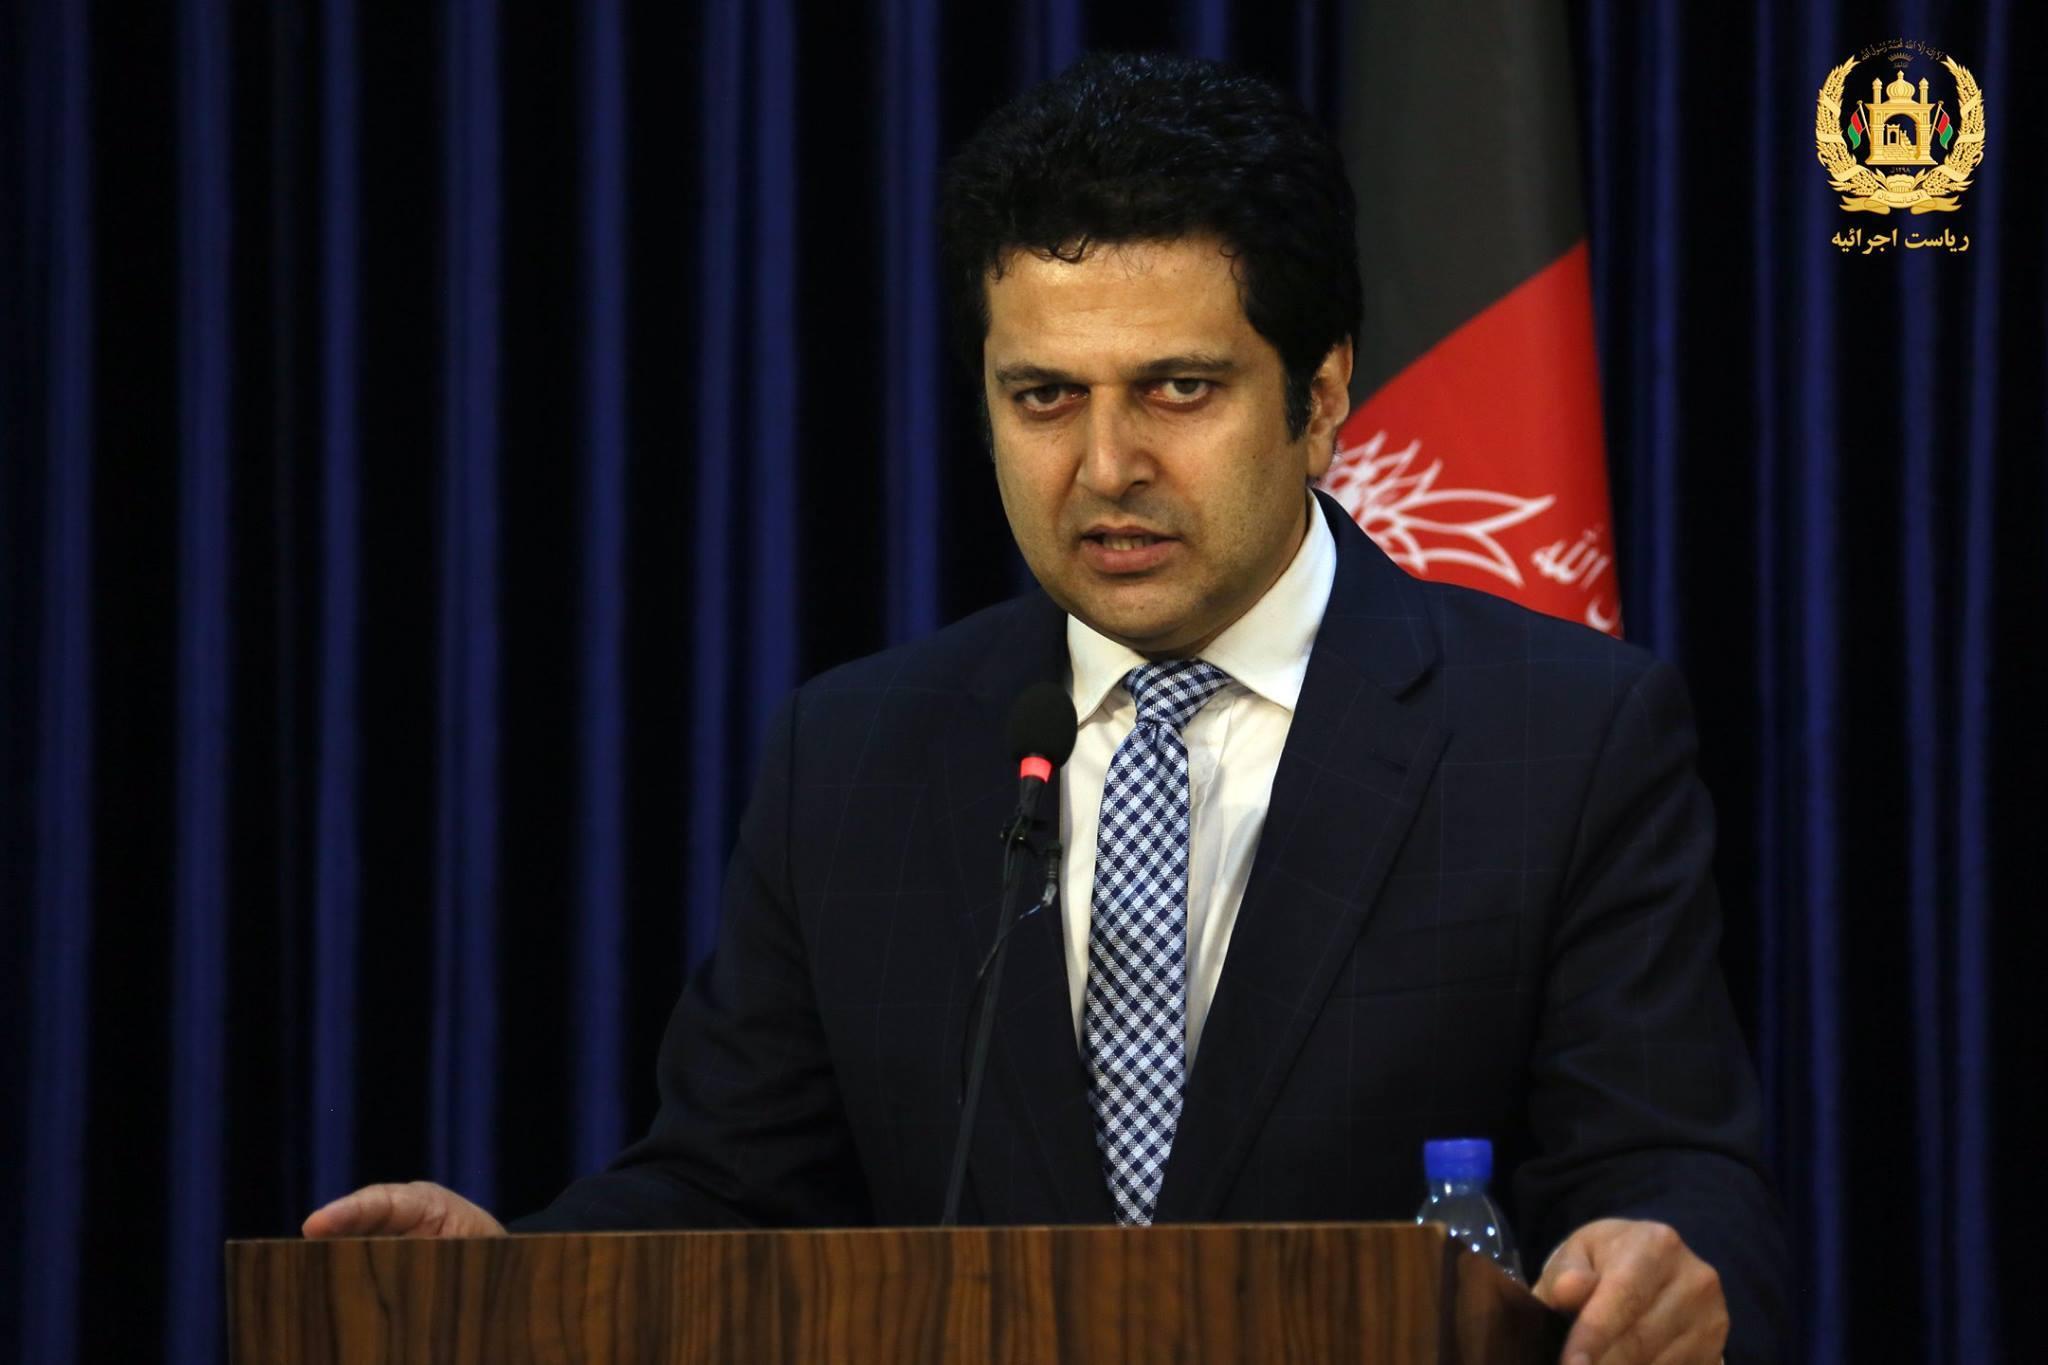 بخش اول: سخنرانی در باره نظام سیاسی در افغانستان، دانشگاه سواس-لندن